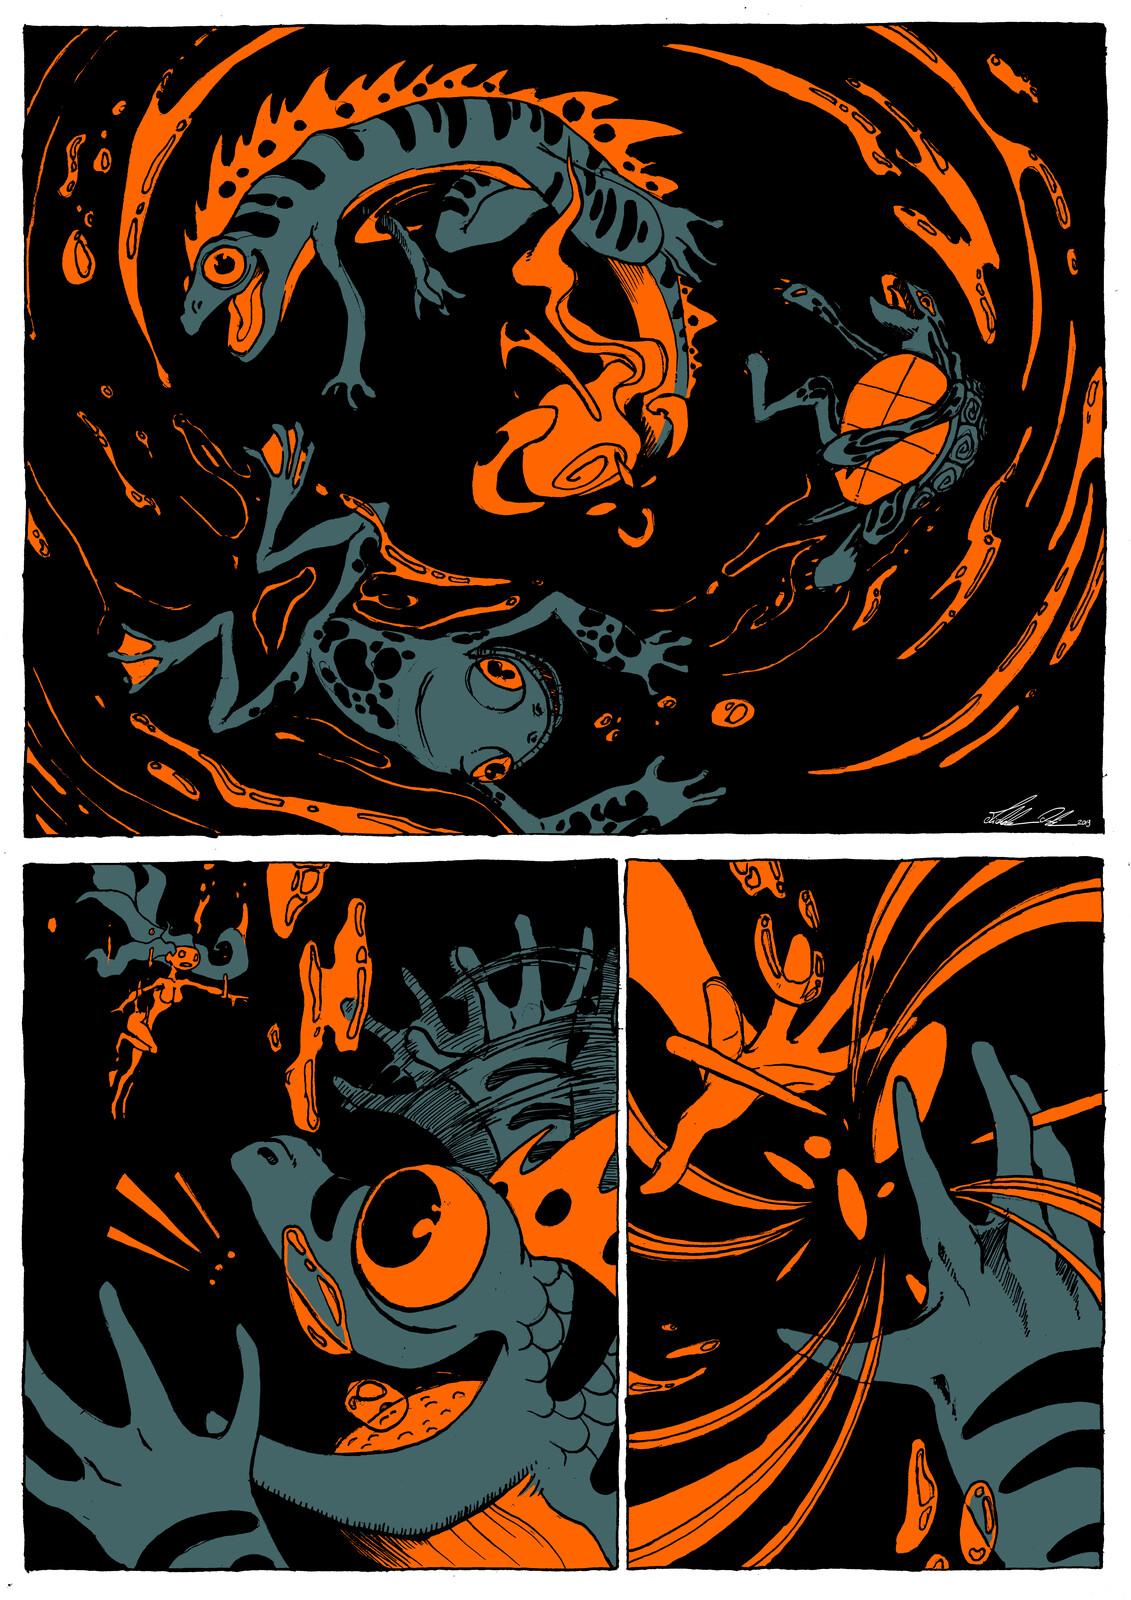 IL SUONO CHE RESTA MA DIMENTICHI - Page 5